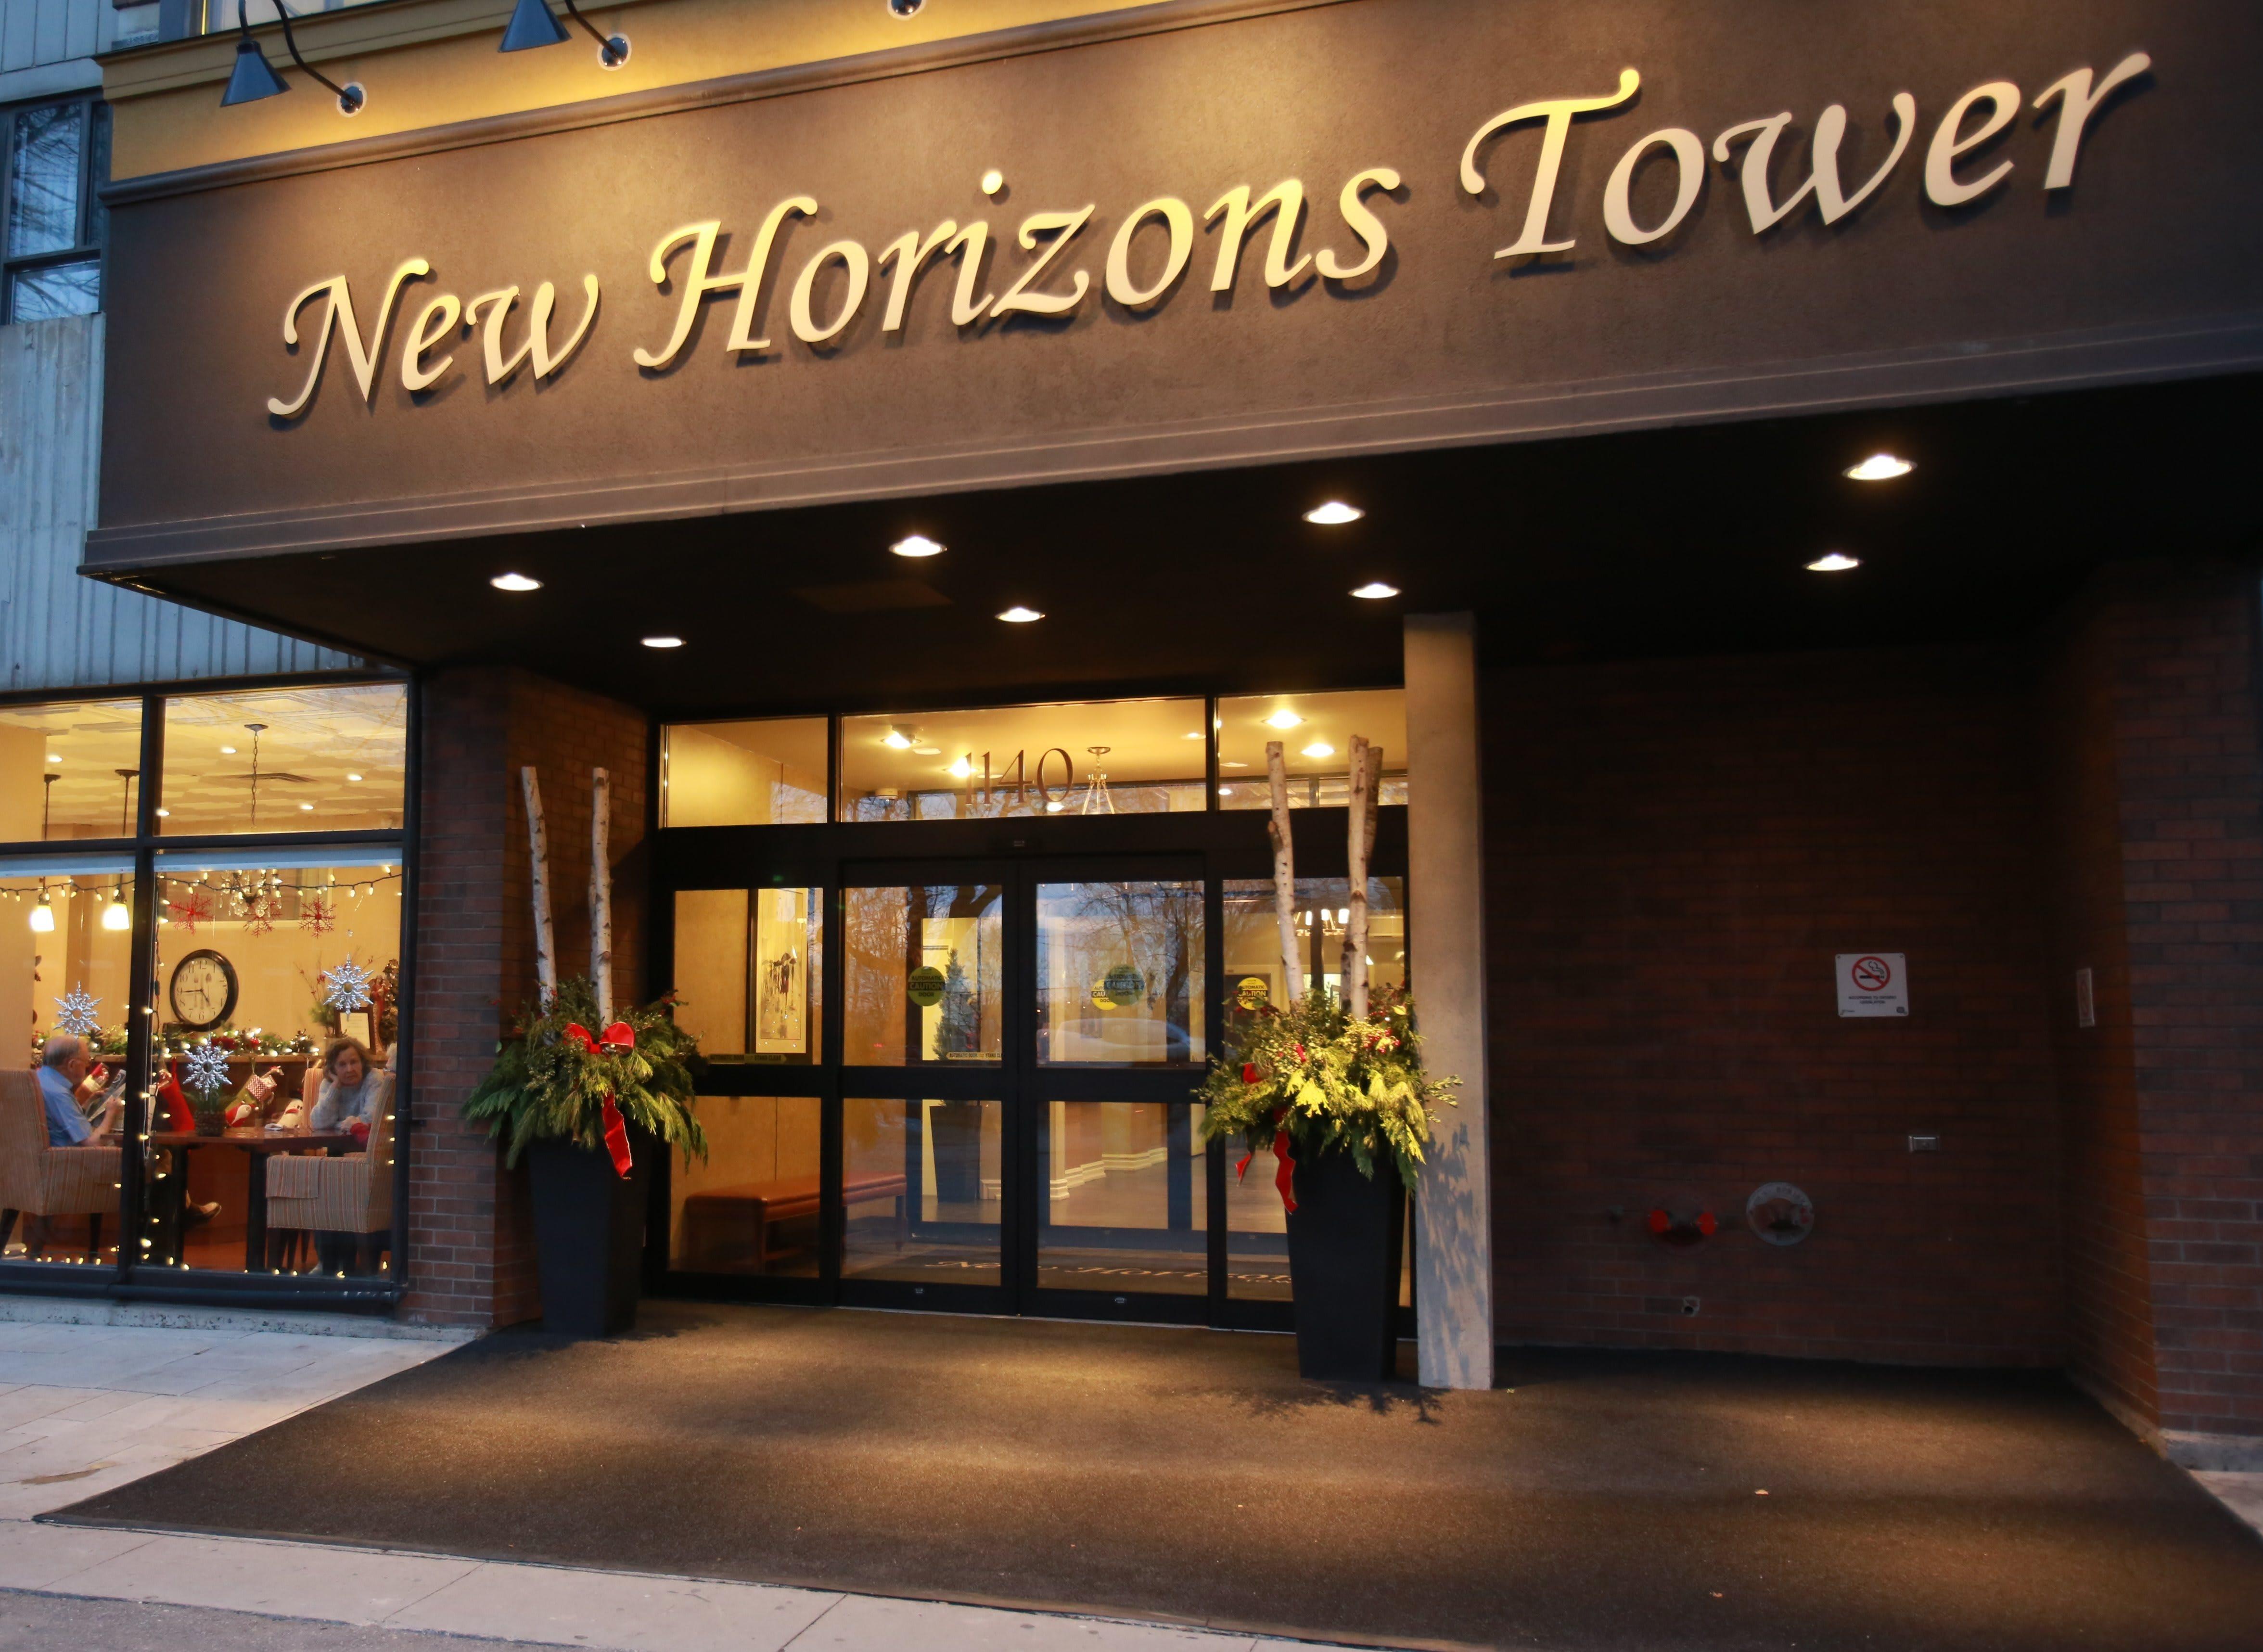 Photo 1 of New Horizons Tower